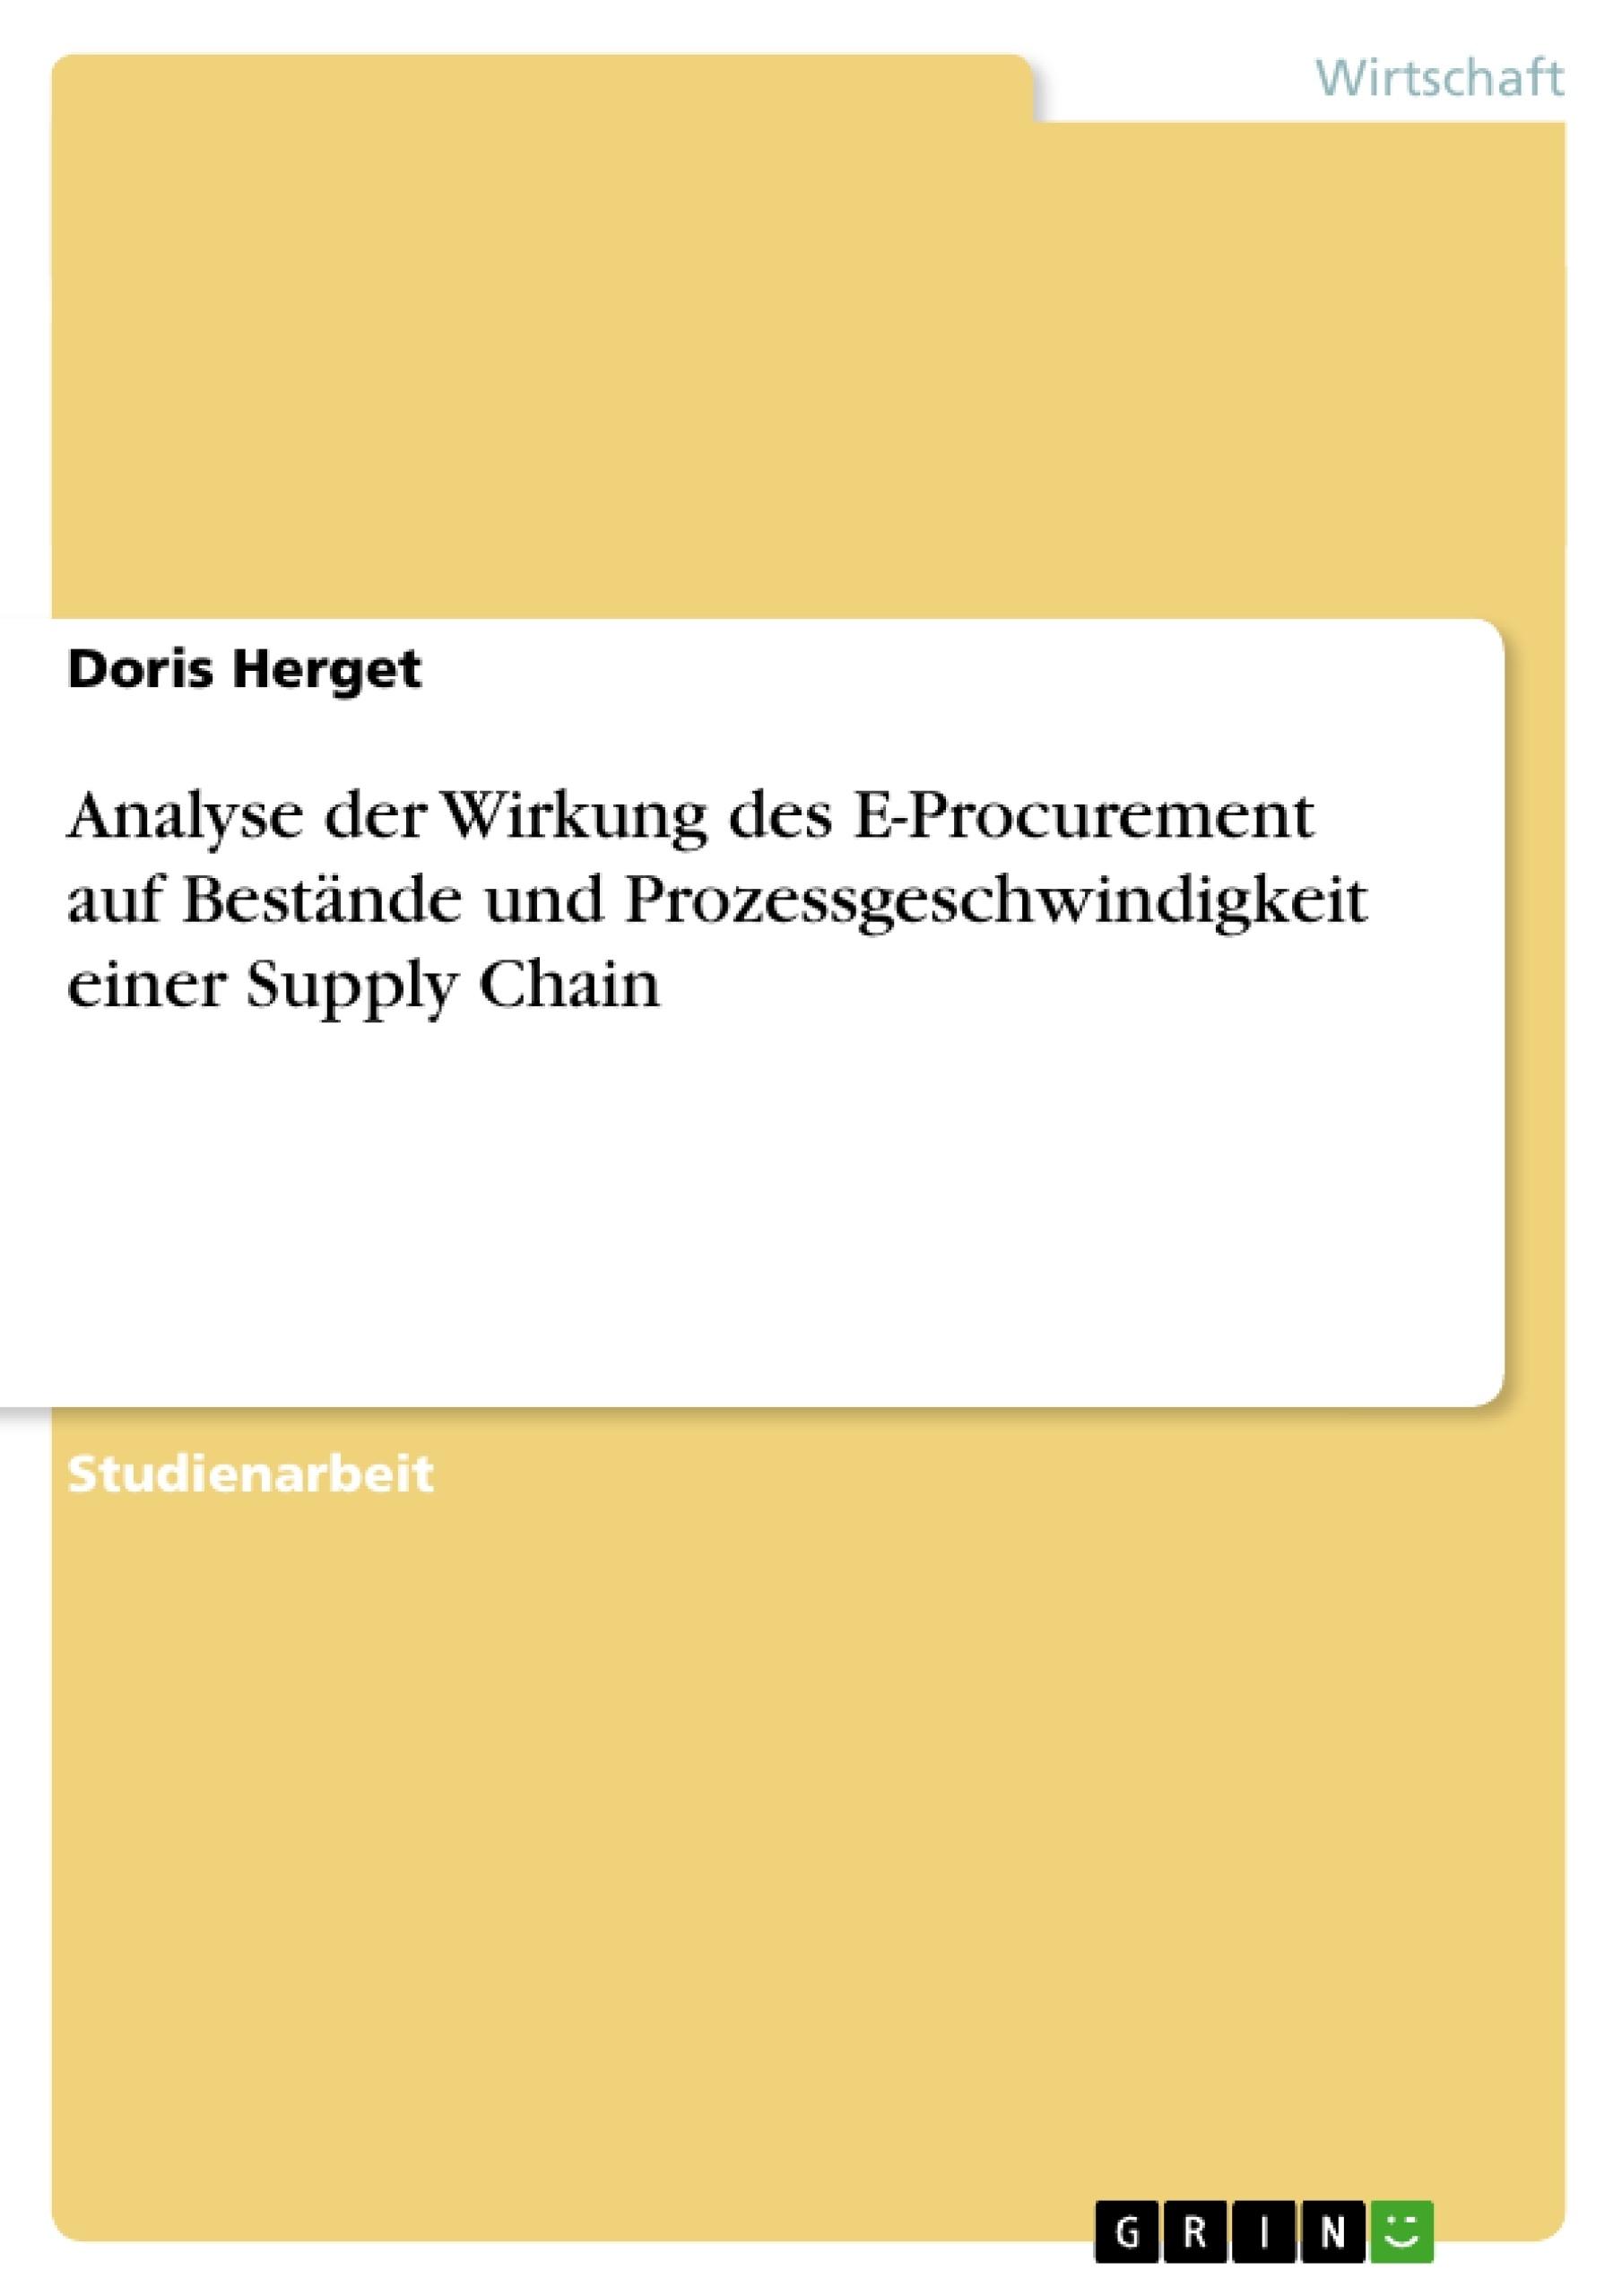 Titel: Analyse der Wirkung des E-Procurement auf Bestände und Prozessgeschwindigkeit einer Supply Chain